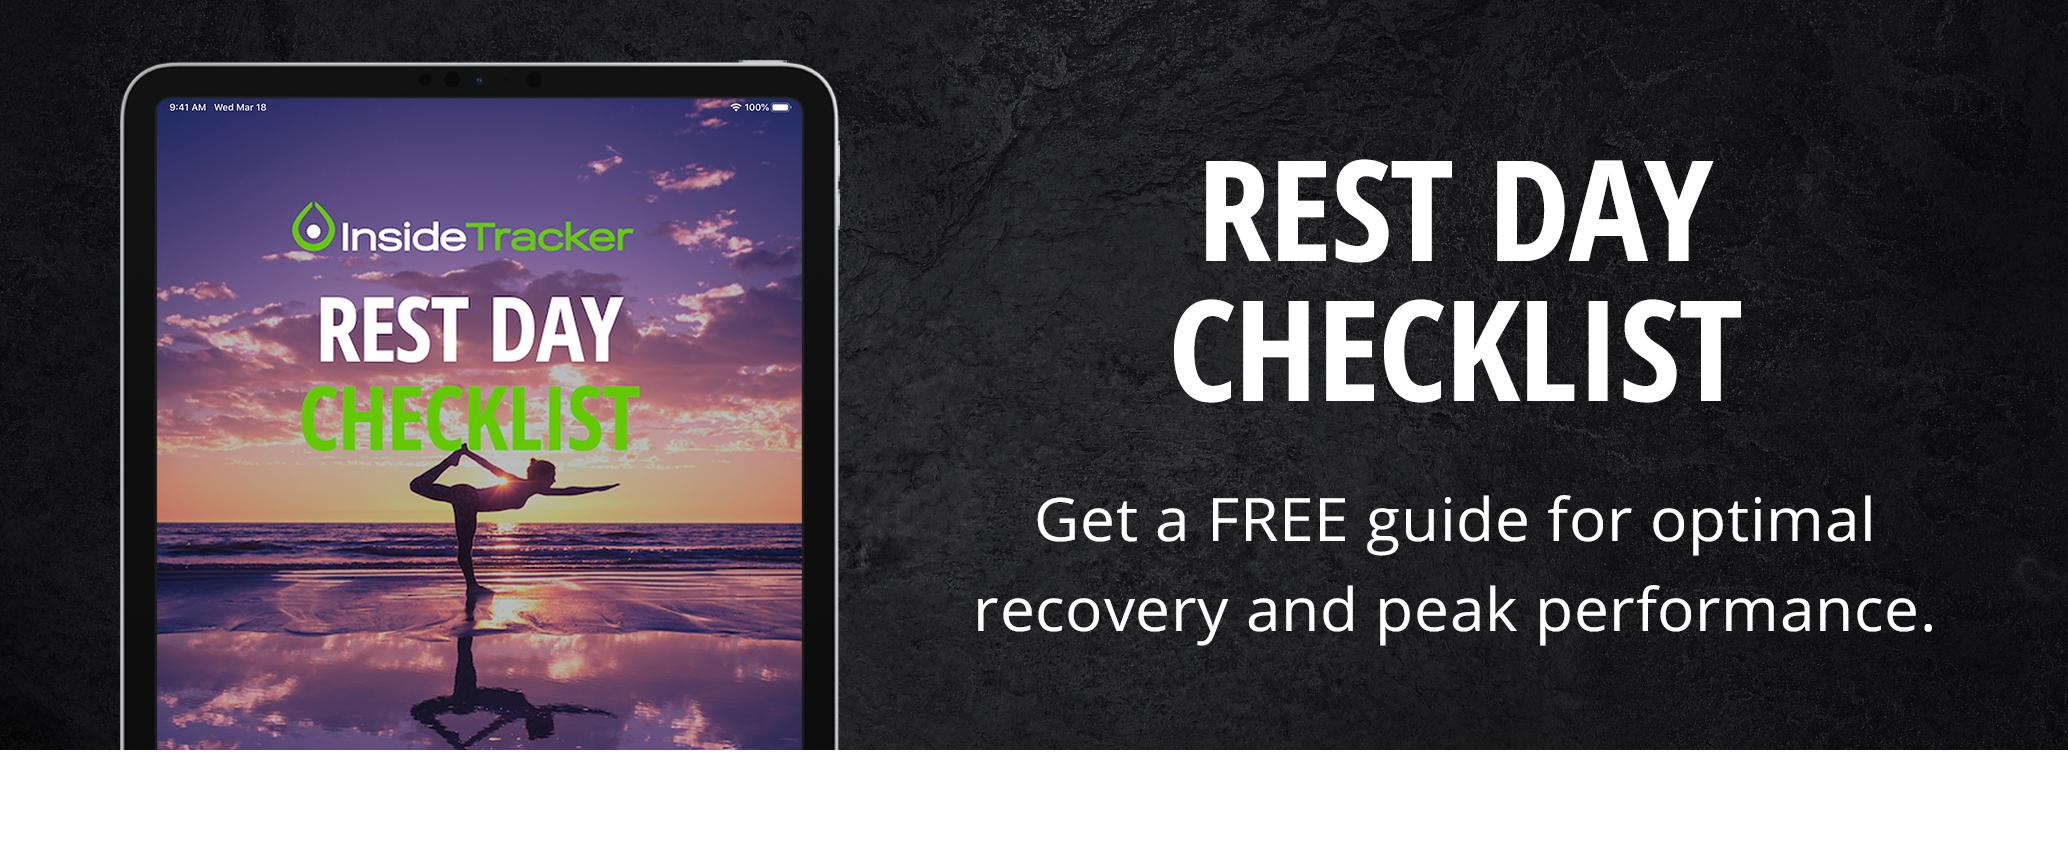 rest day checklist banner2